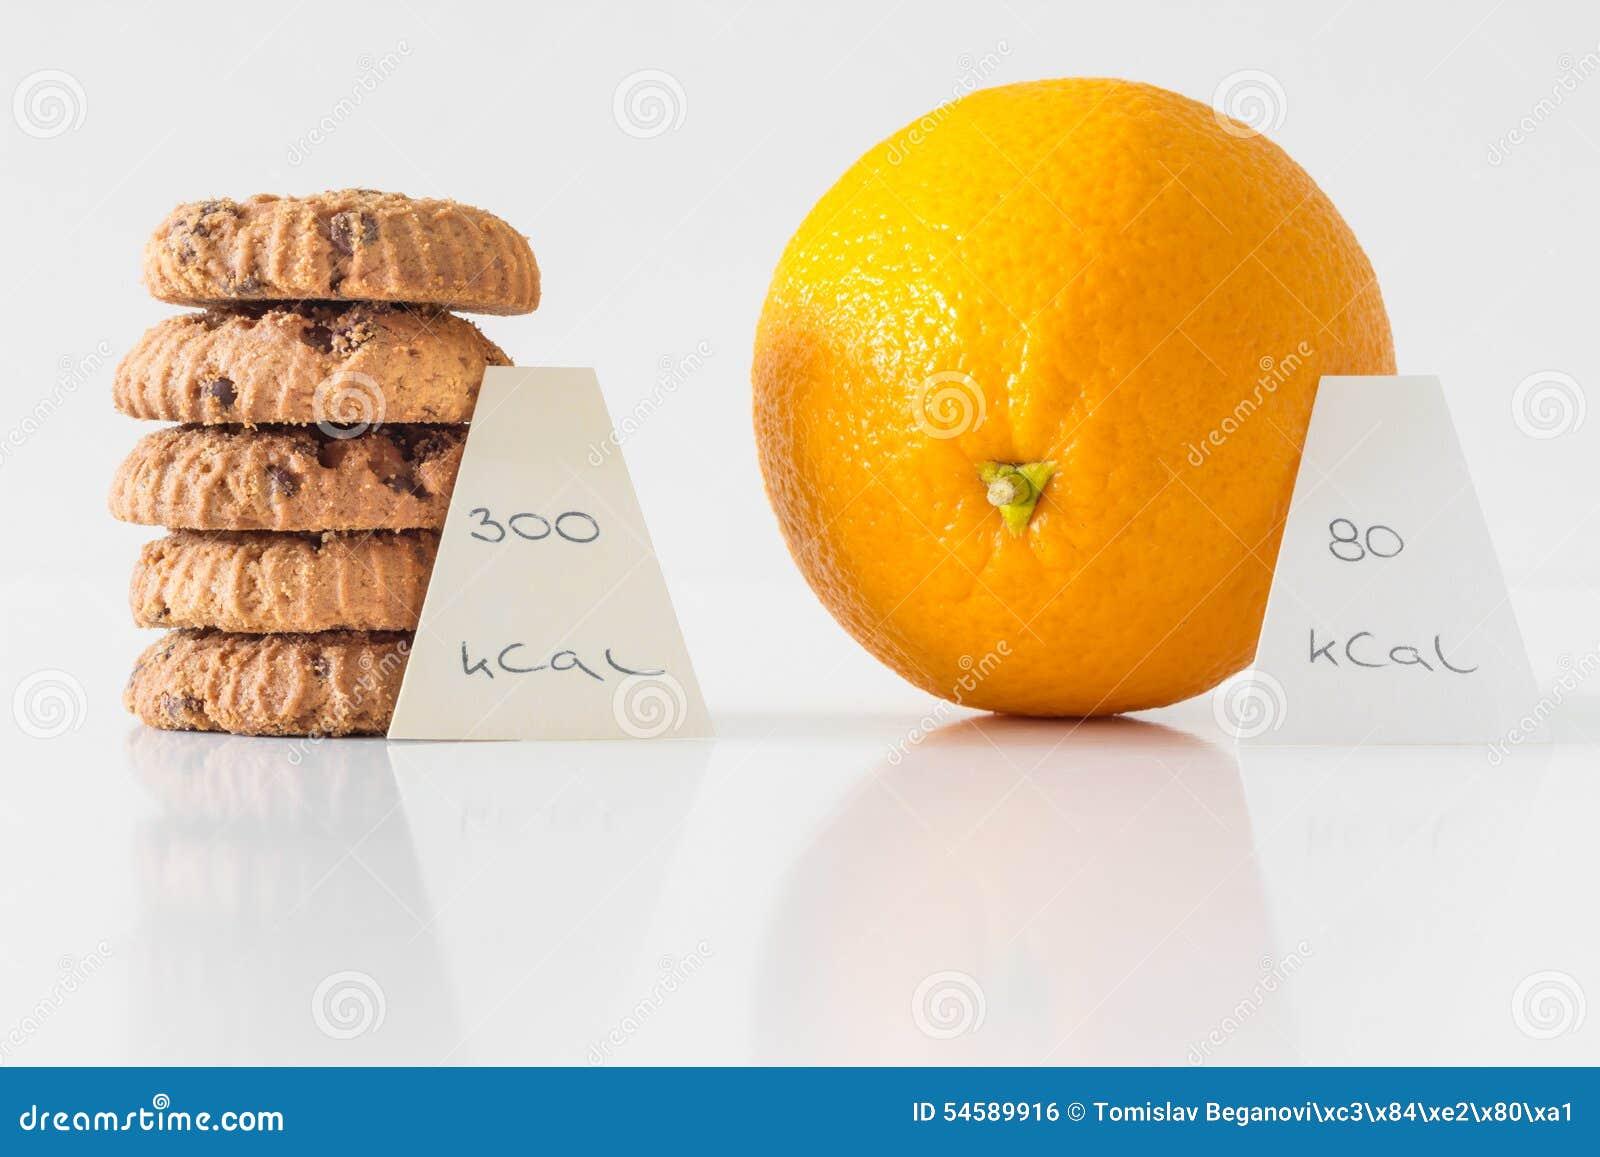 Biscuits ou fruit orange, concept bien choisi de régime, compte de calorie